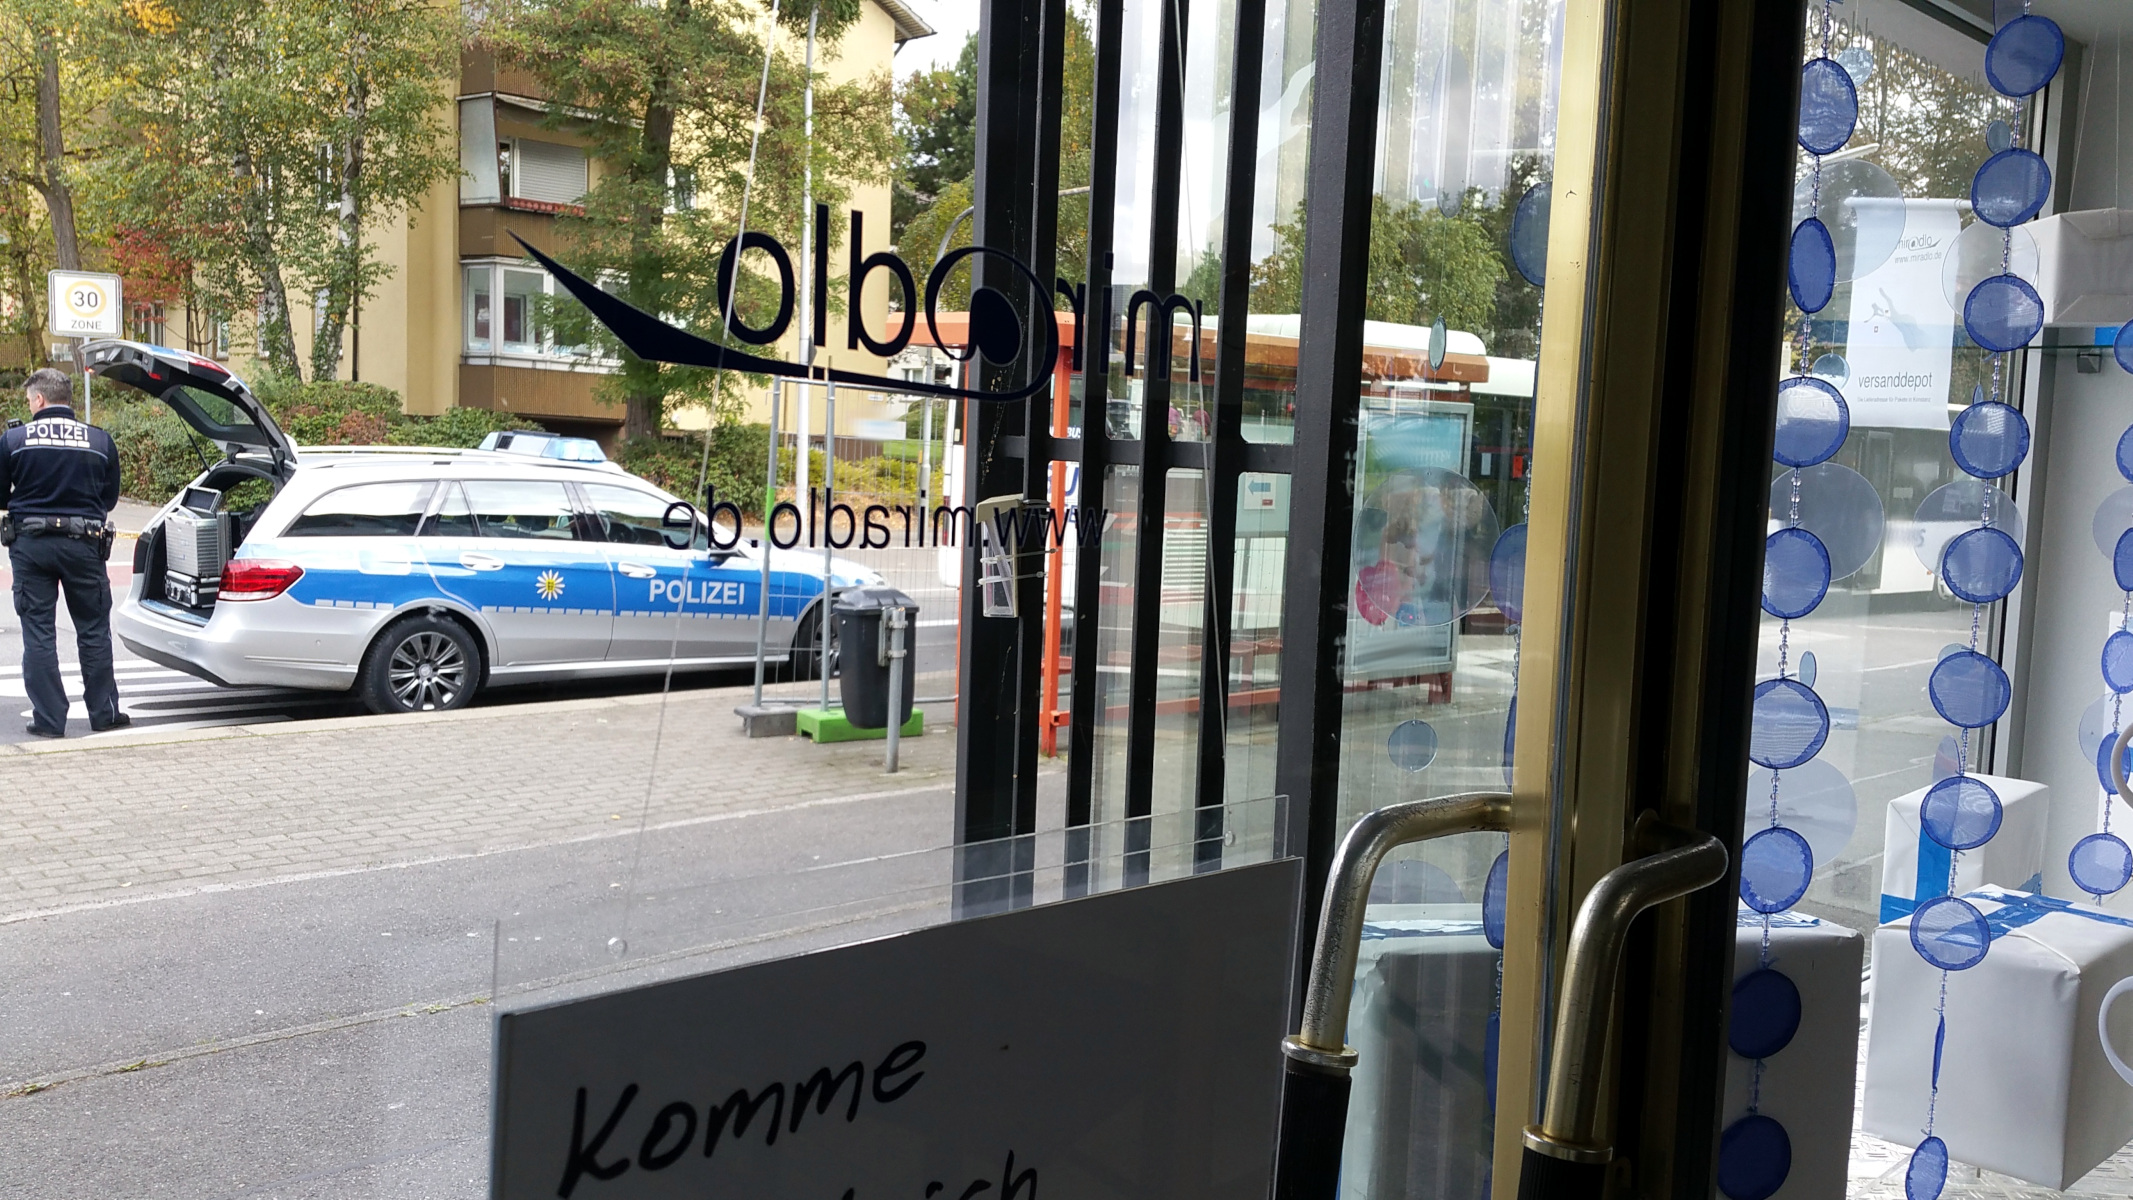 Polizei vorm miradlo-Versanddepot - Symbolbild